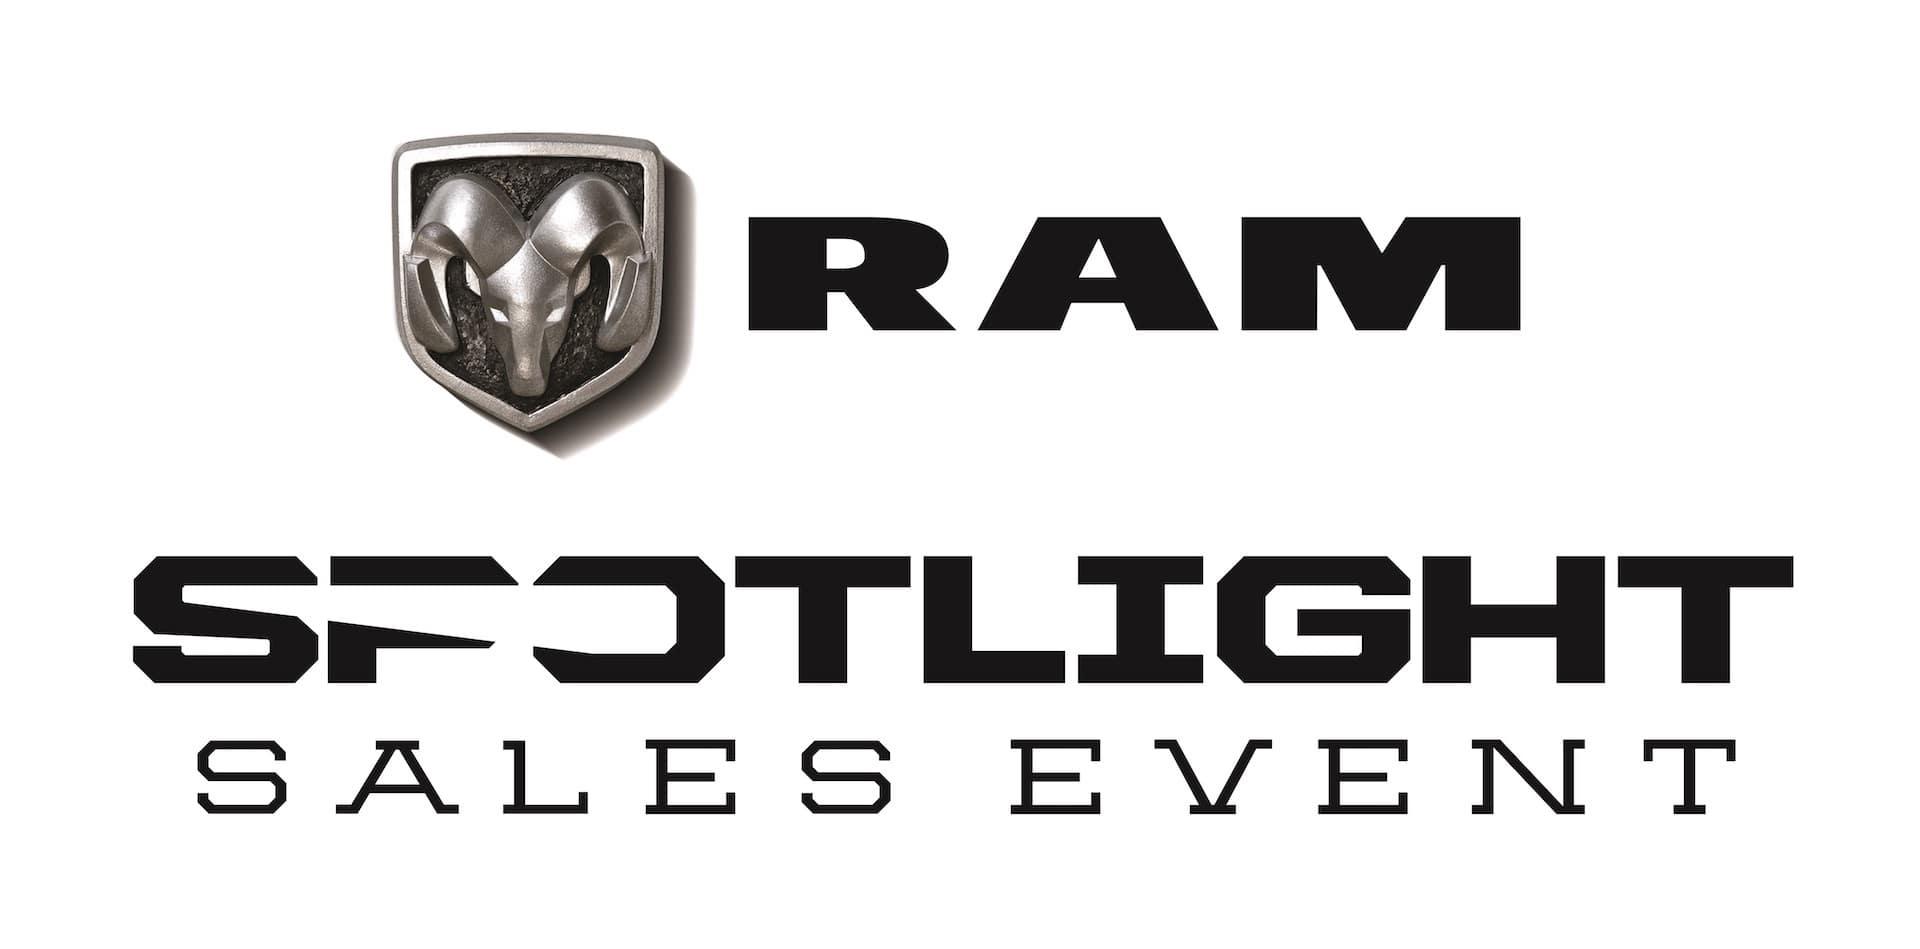 CHR_21_RAM_Spotlight_K